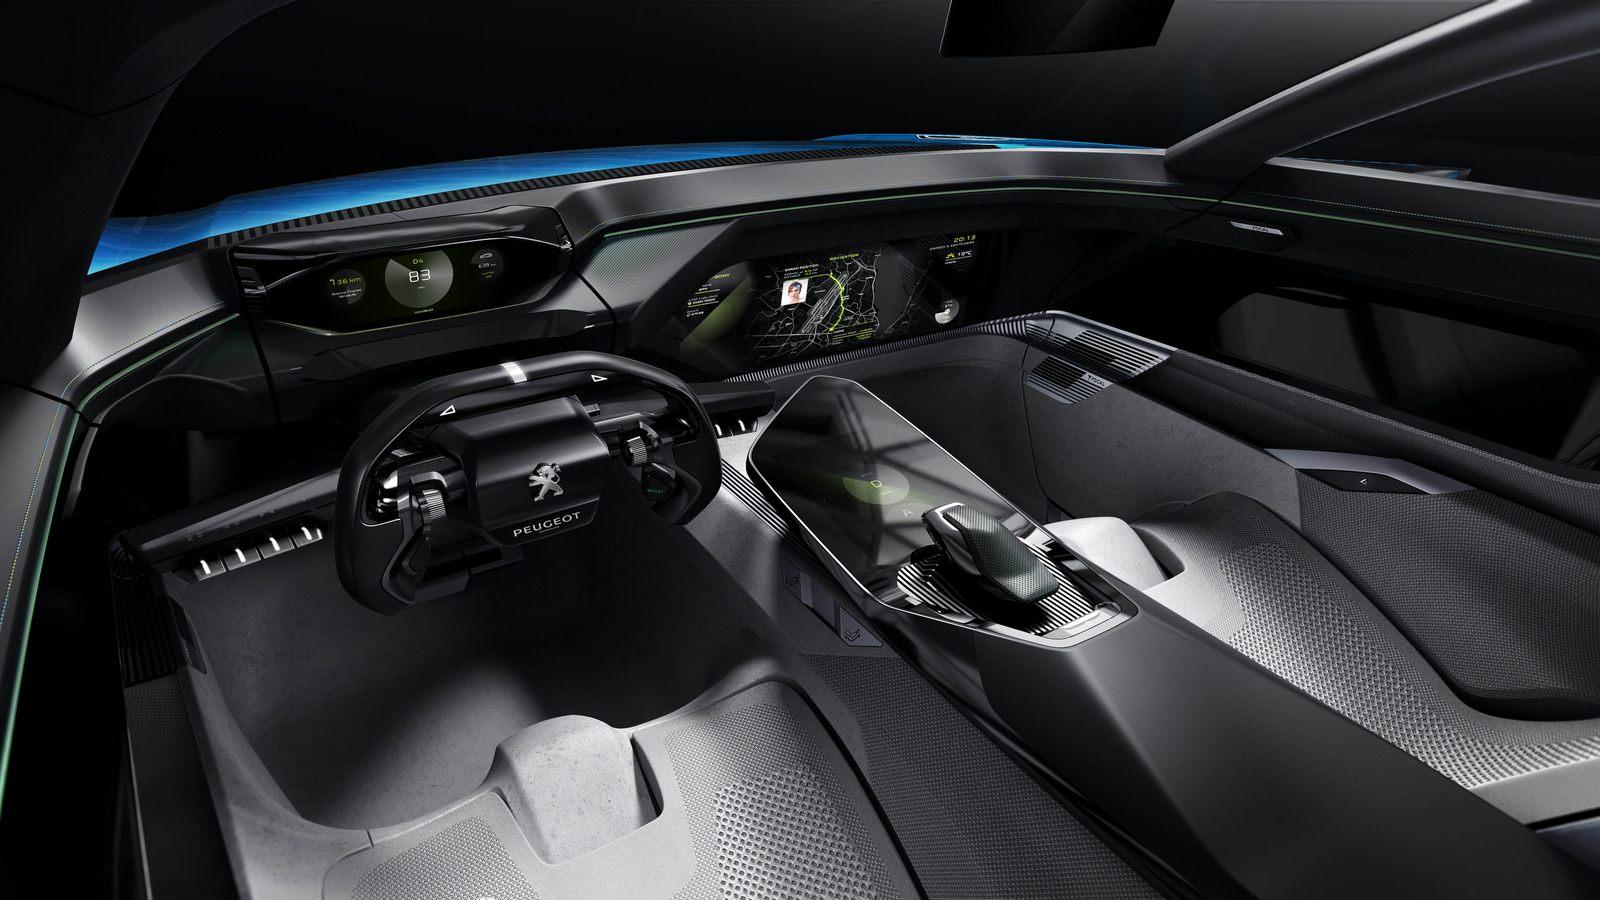 2017-Peugeot-Instinct-Concept-Interior-02